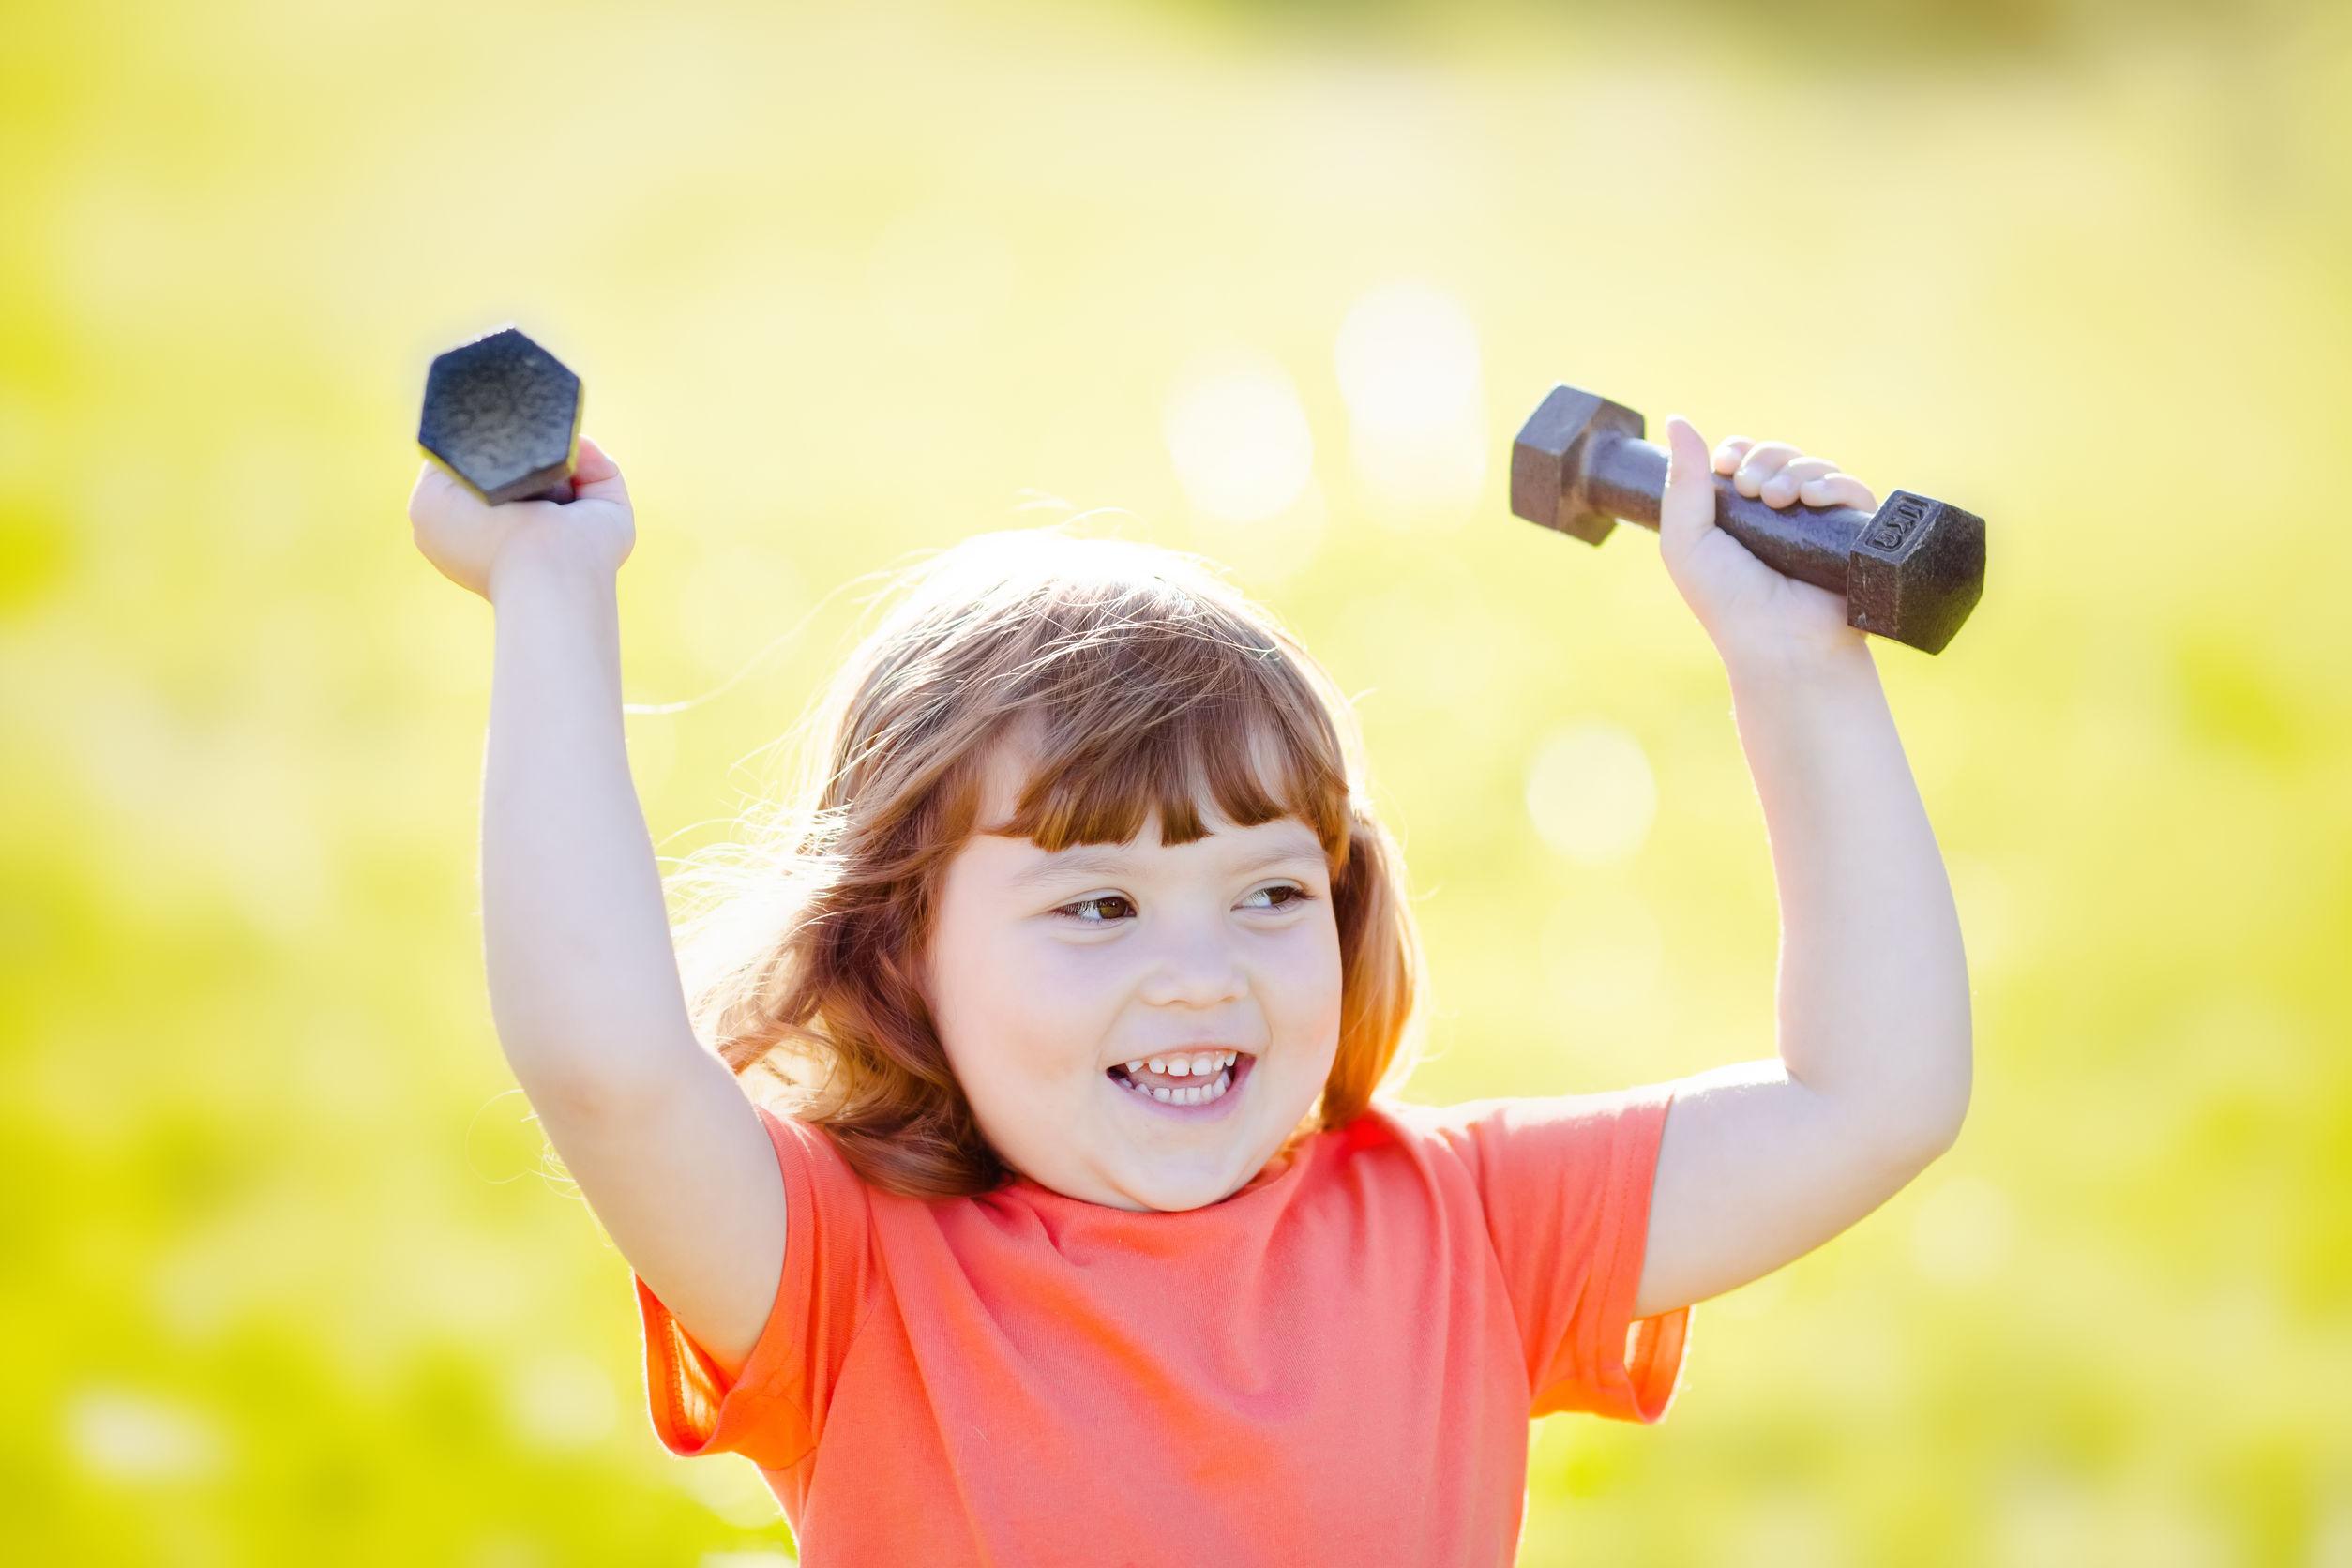 Hanteln für Kinder: Test & Empfehlungen (10/21)